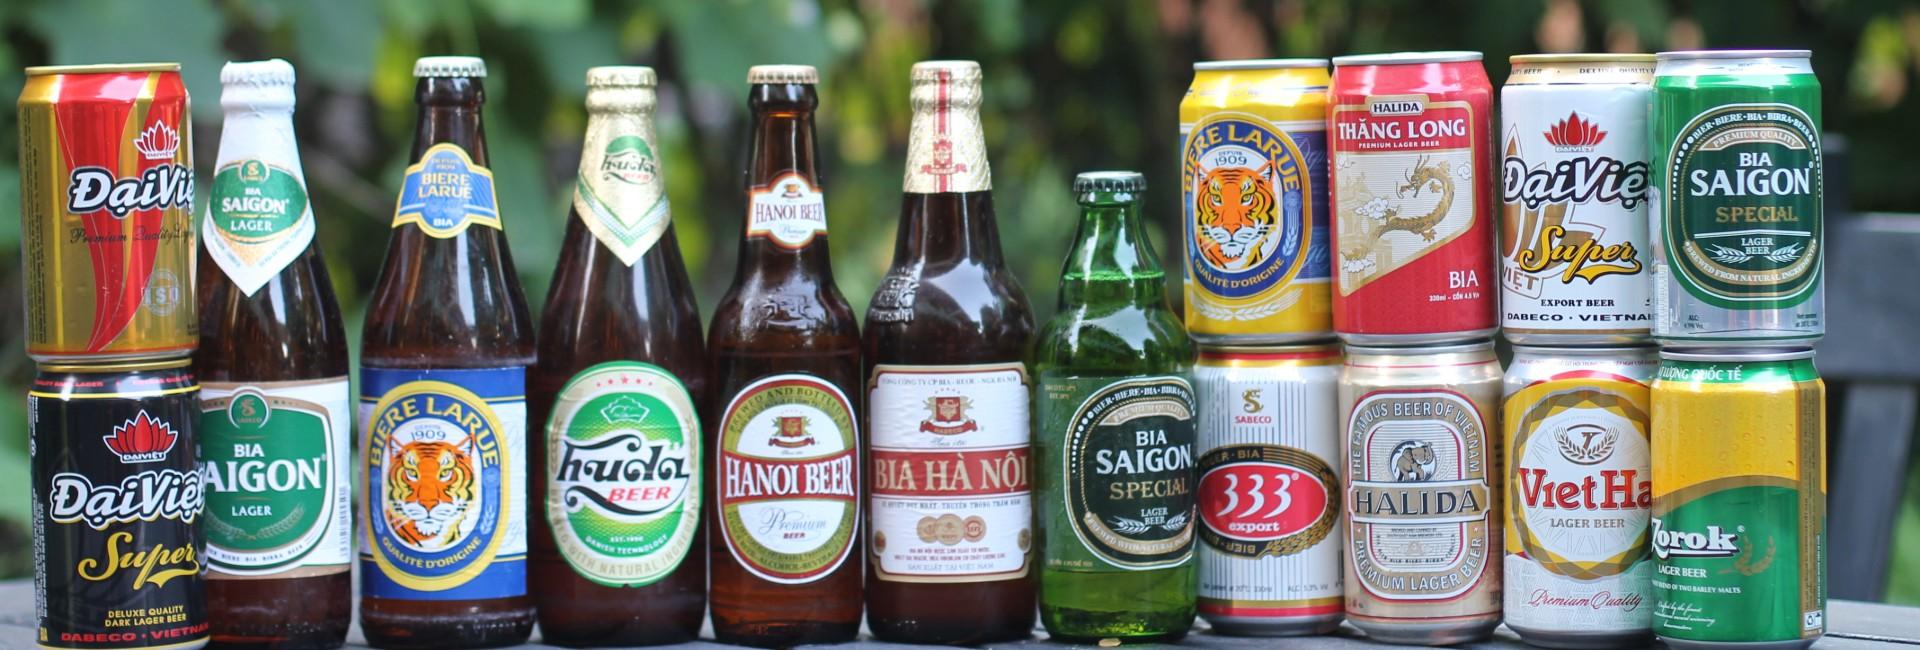 10 marques de bières préférées au Vietnam